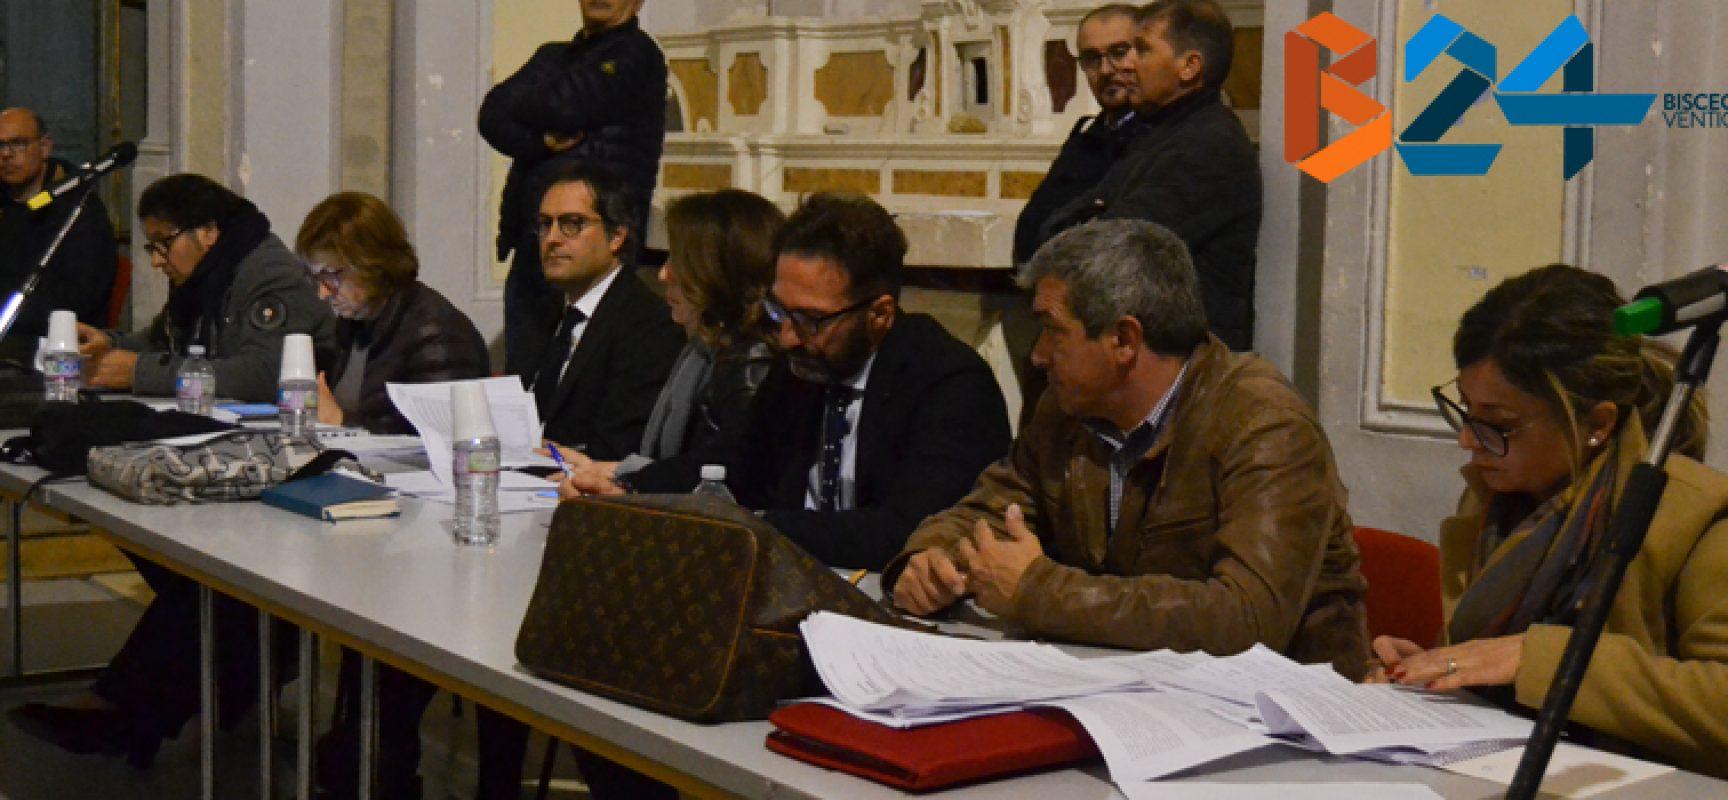 Consiglio comunale: question time, l'amministrazione risponde all'opposizione